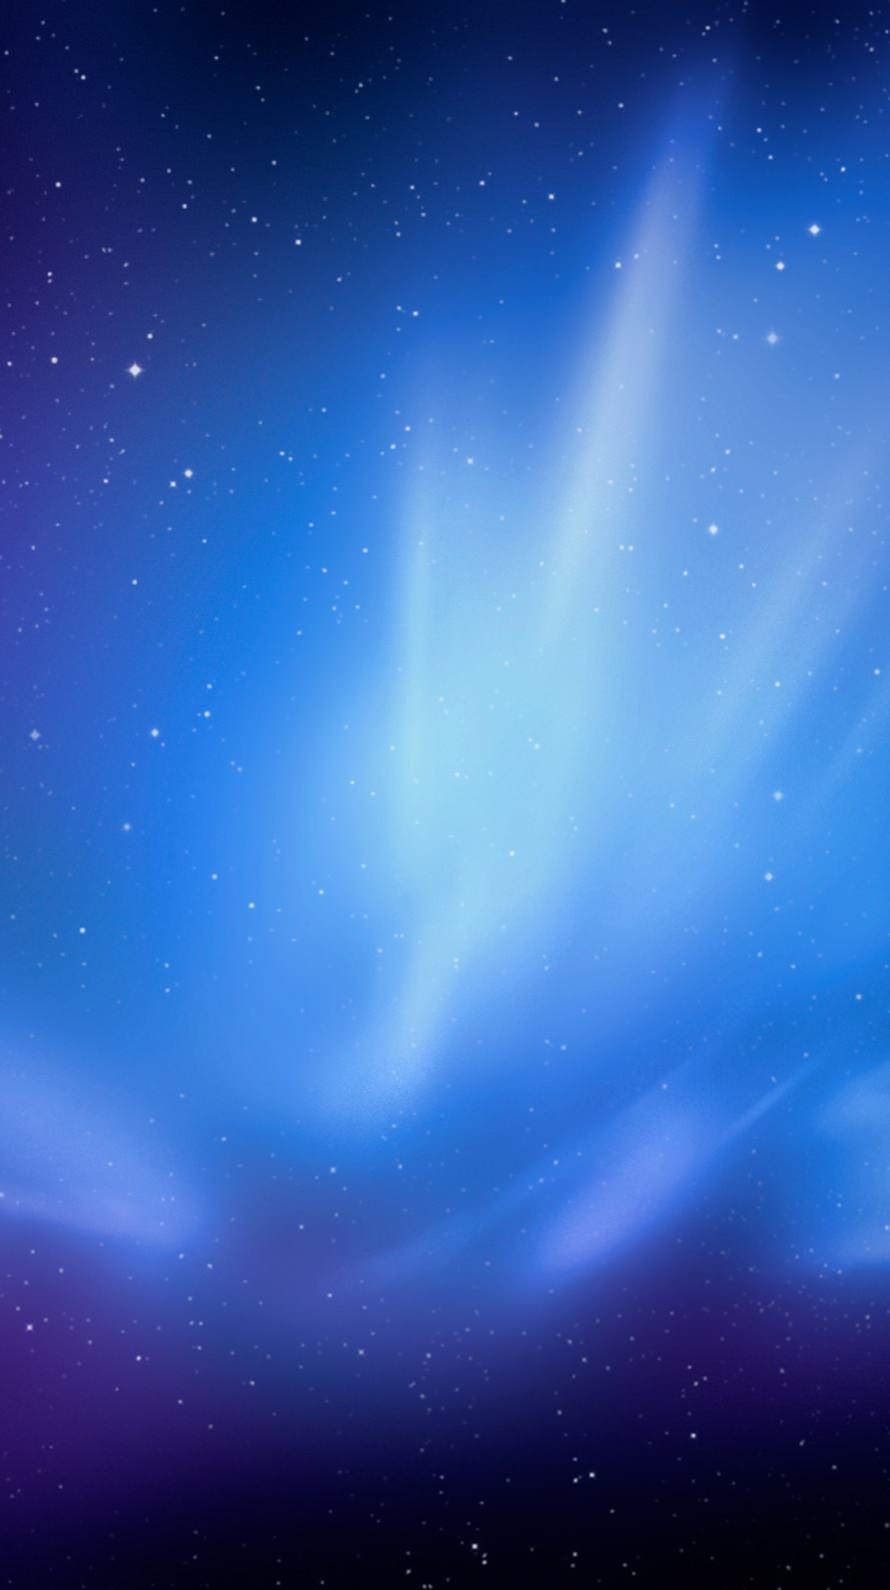 のベスト 青い薔薇 壁紙 Iphone に トップ最も検索画像の壁紙